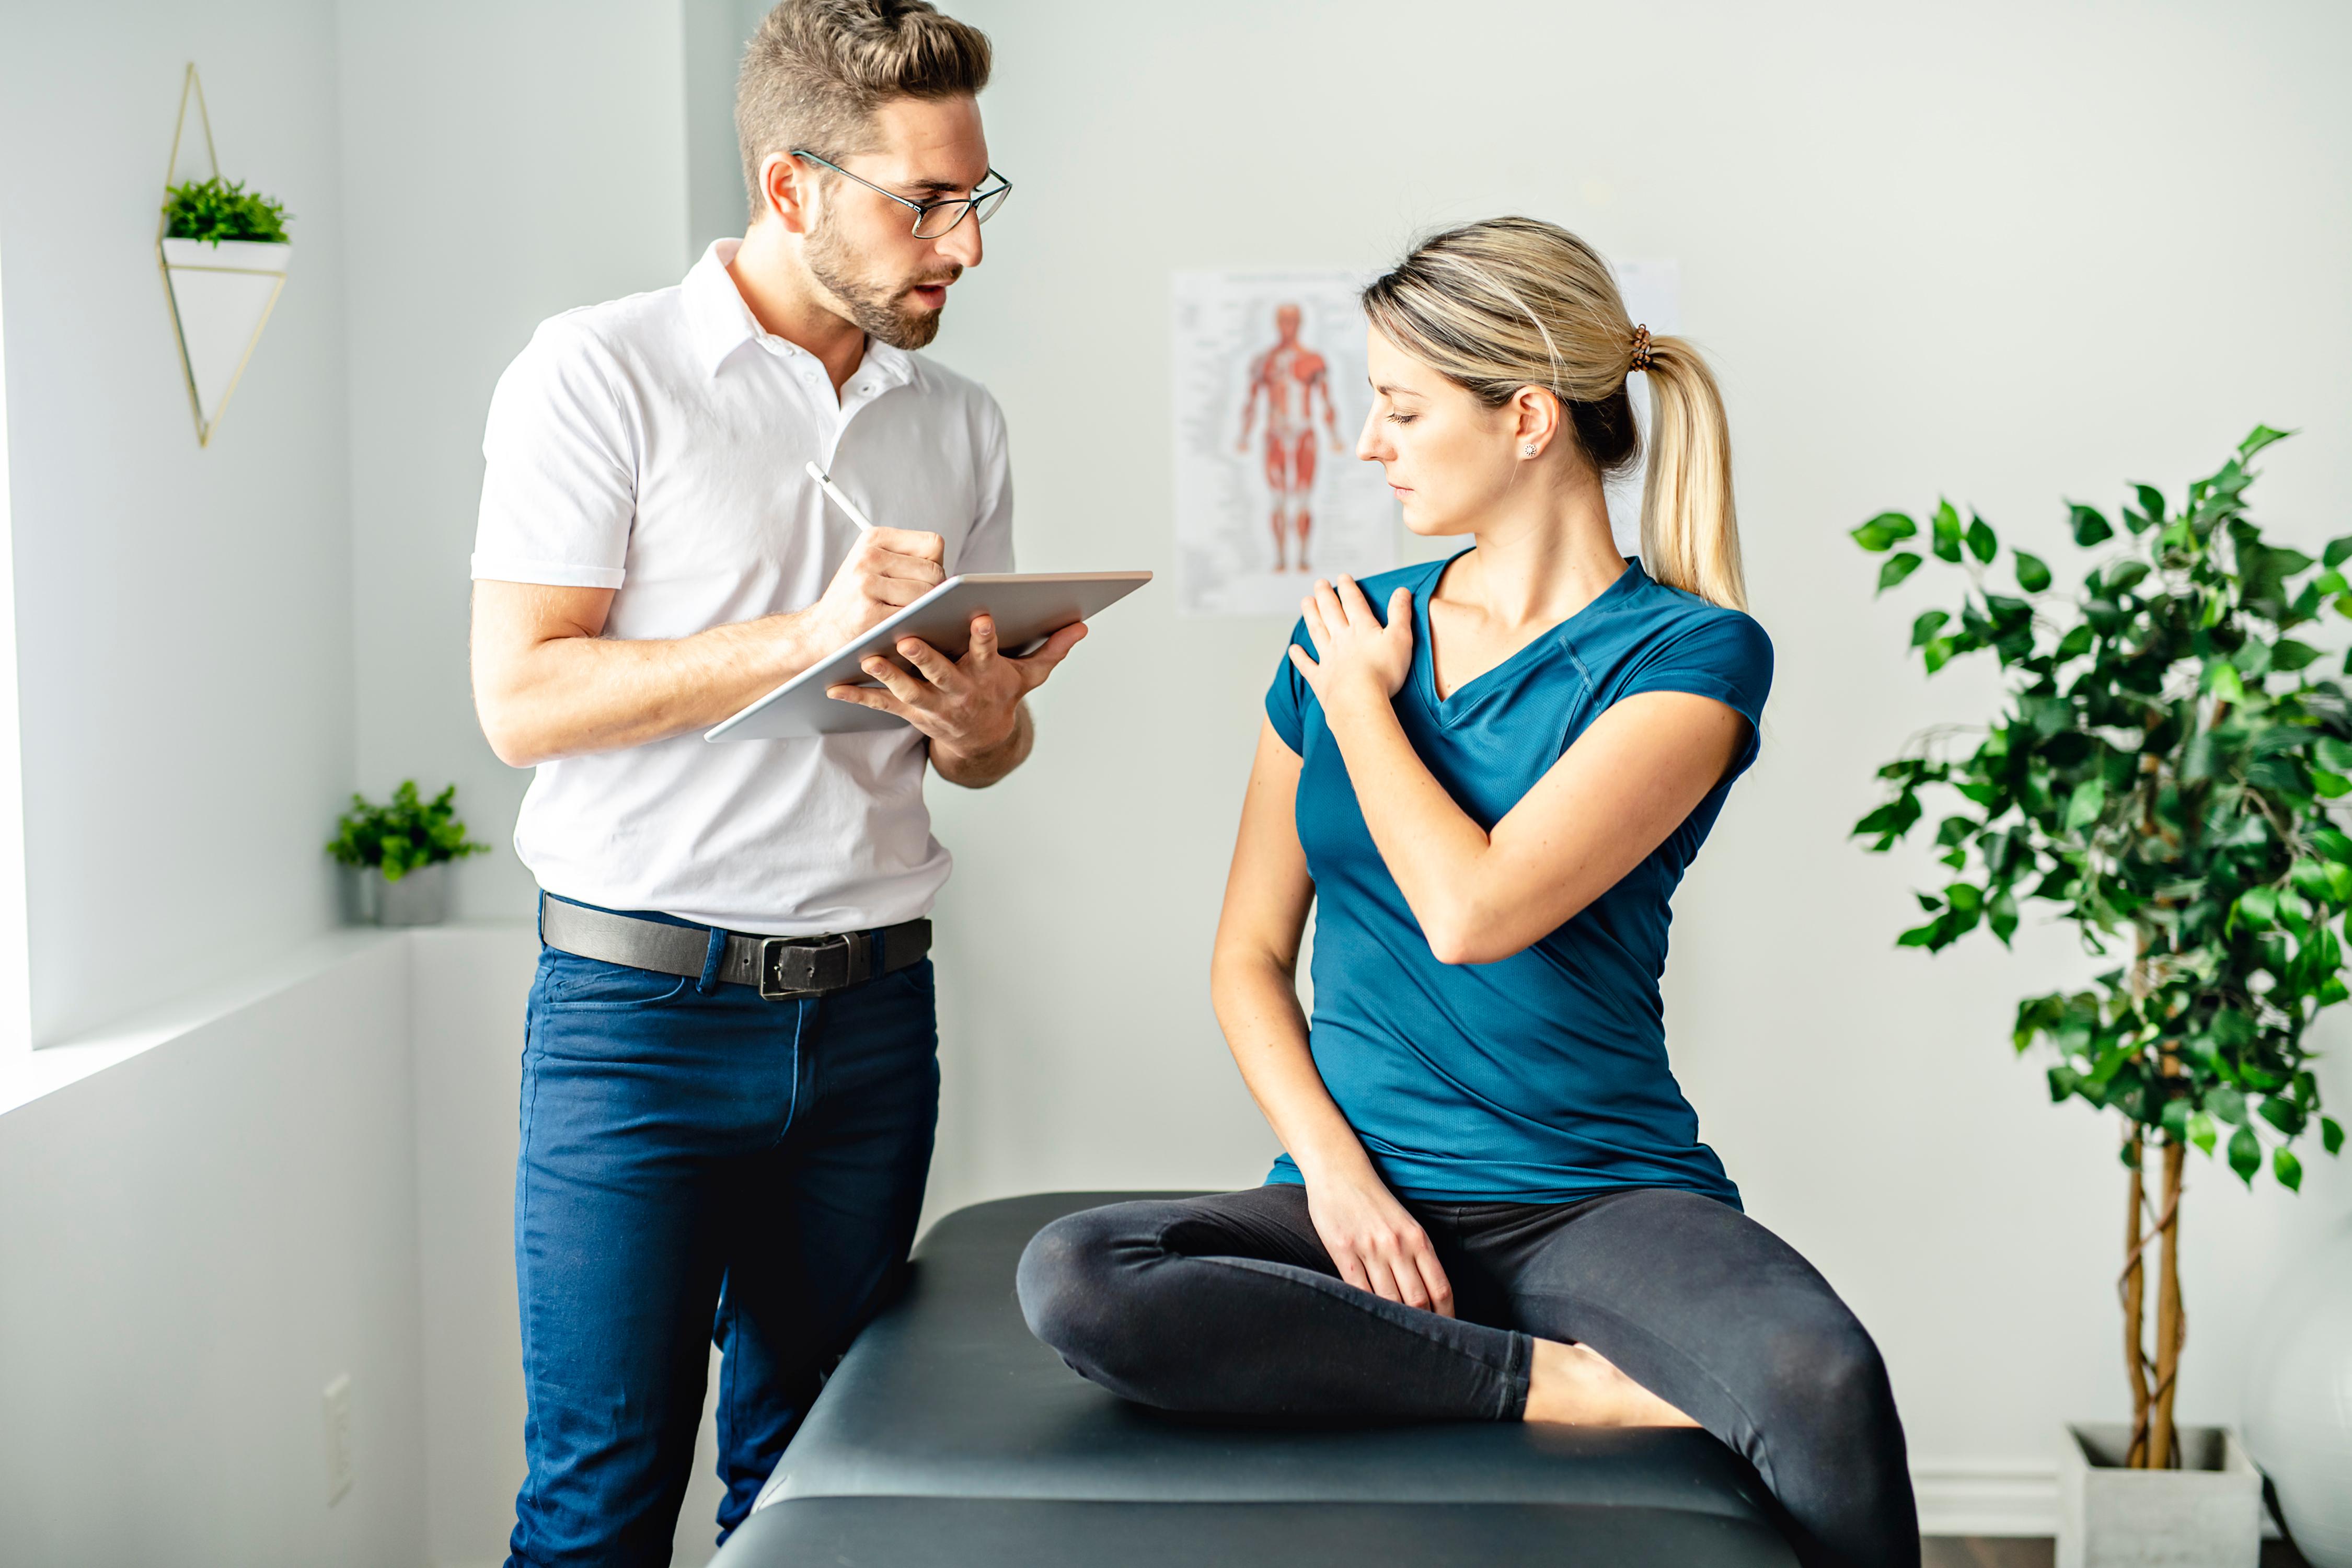 Chiropraticien aidant une jeune cliente